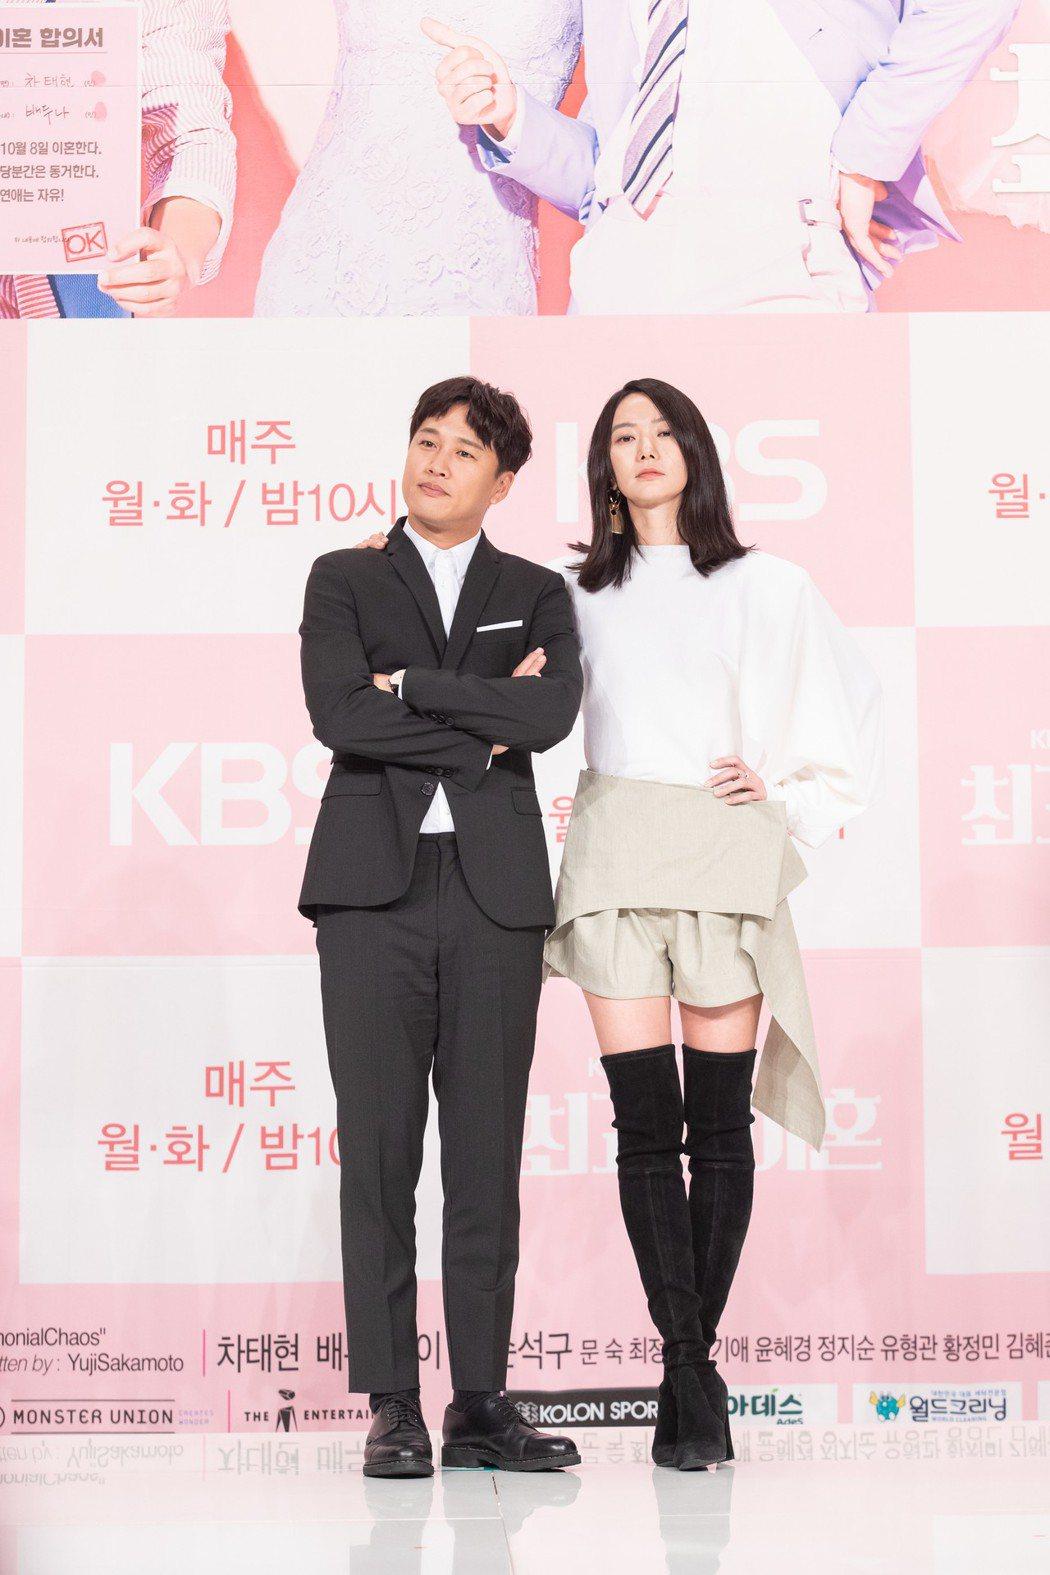 車太鉉跟裴斗娜合作飆演技。圖/KKTV提供